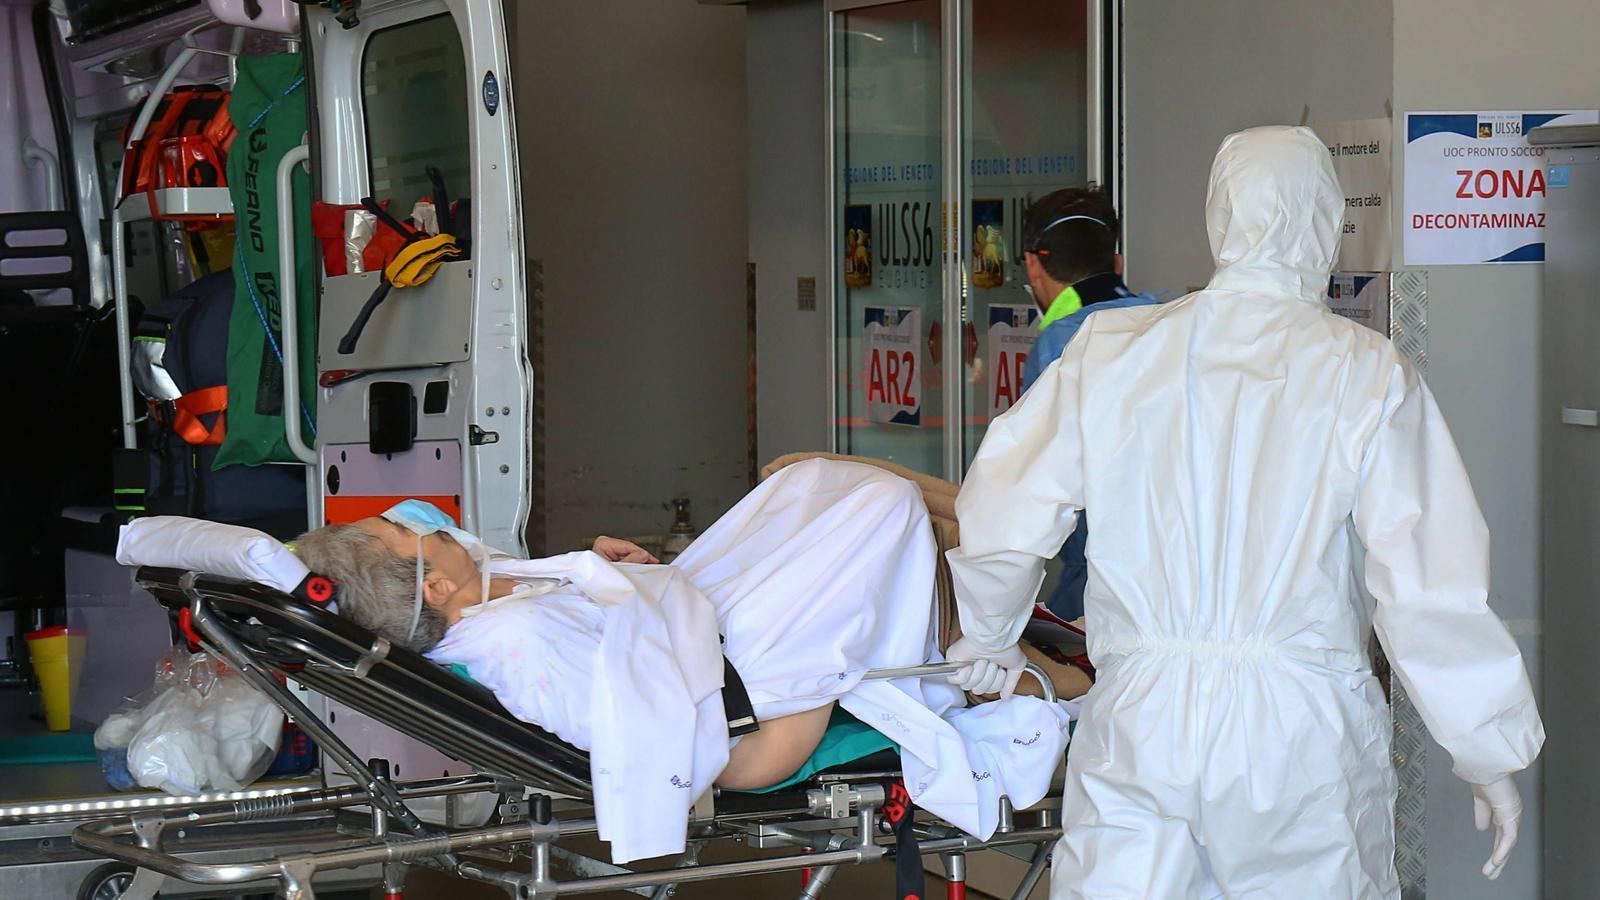 Metges de l'hospital de Schiavonia, al nord d'Itàlia, traslladen un malalt pel coronavirus